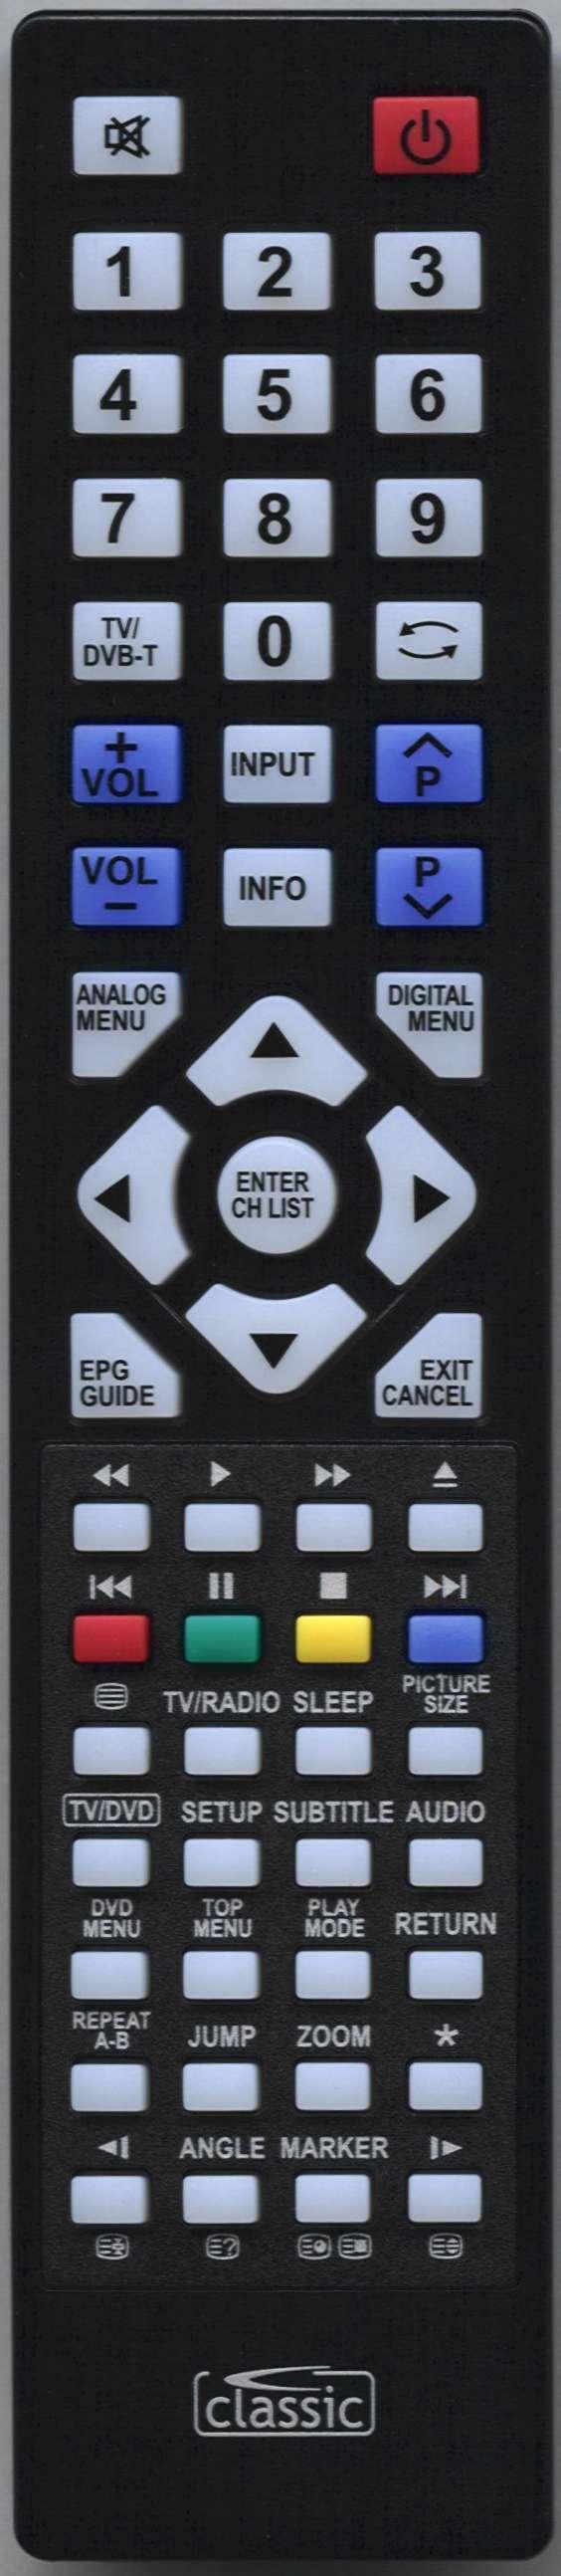 ORION 076R0PK021 Remote Control Alternative